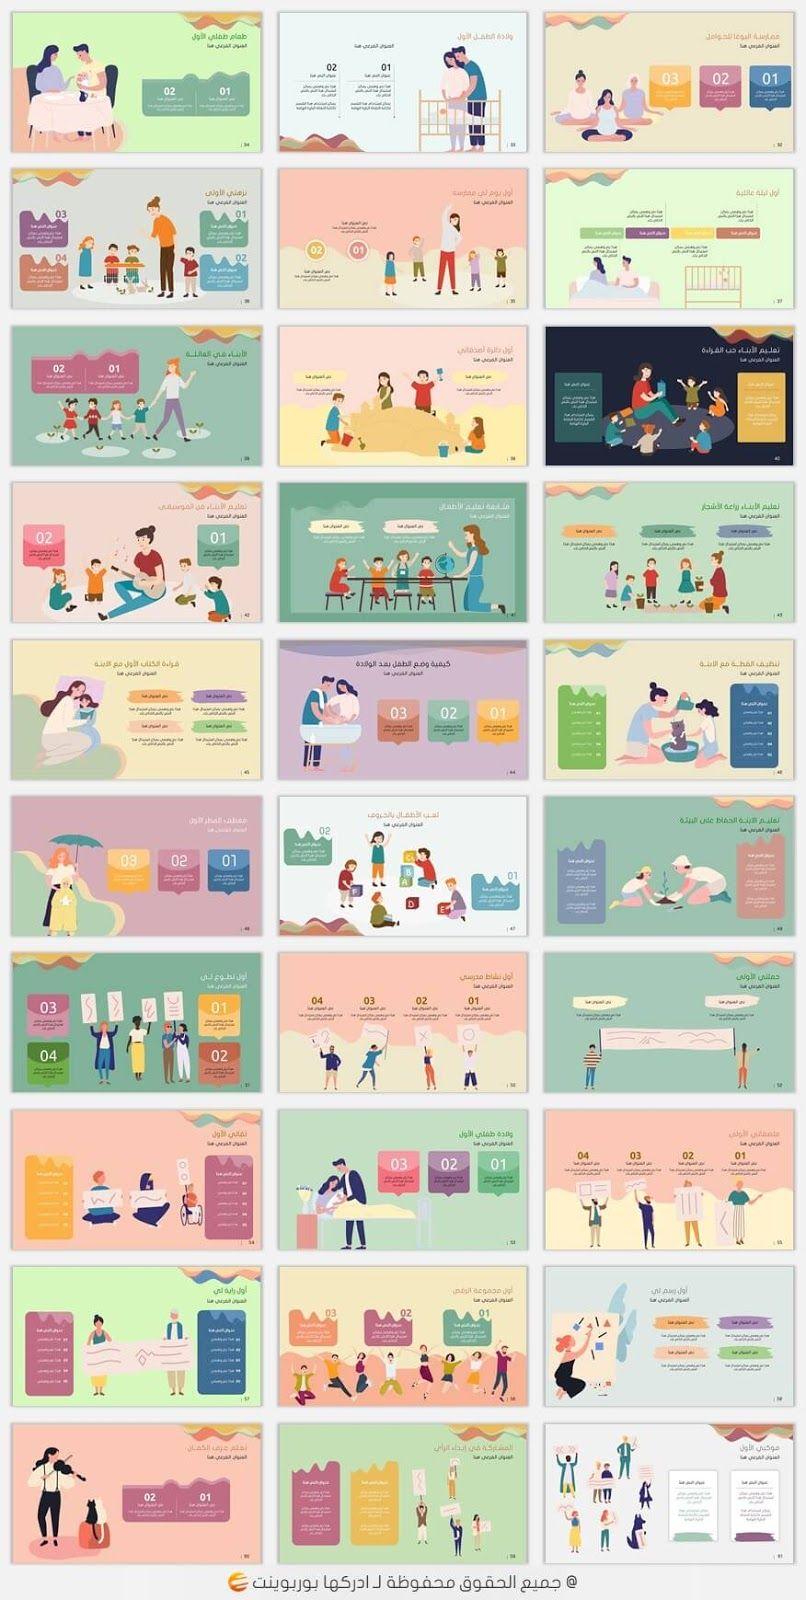 عرض بوربوينت عن الحياة الاسرية وتربية الأبناء ادركها بوربوينت Poster Design Pastel Iphone Wallpaper Fruit Art Drawings